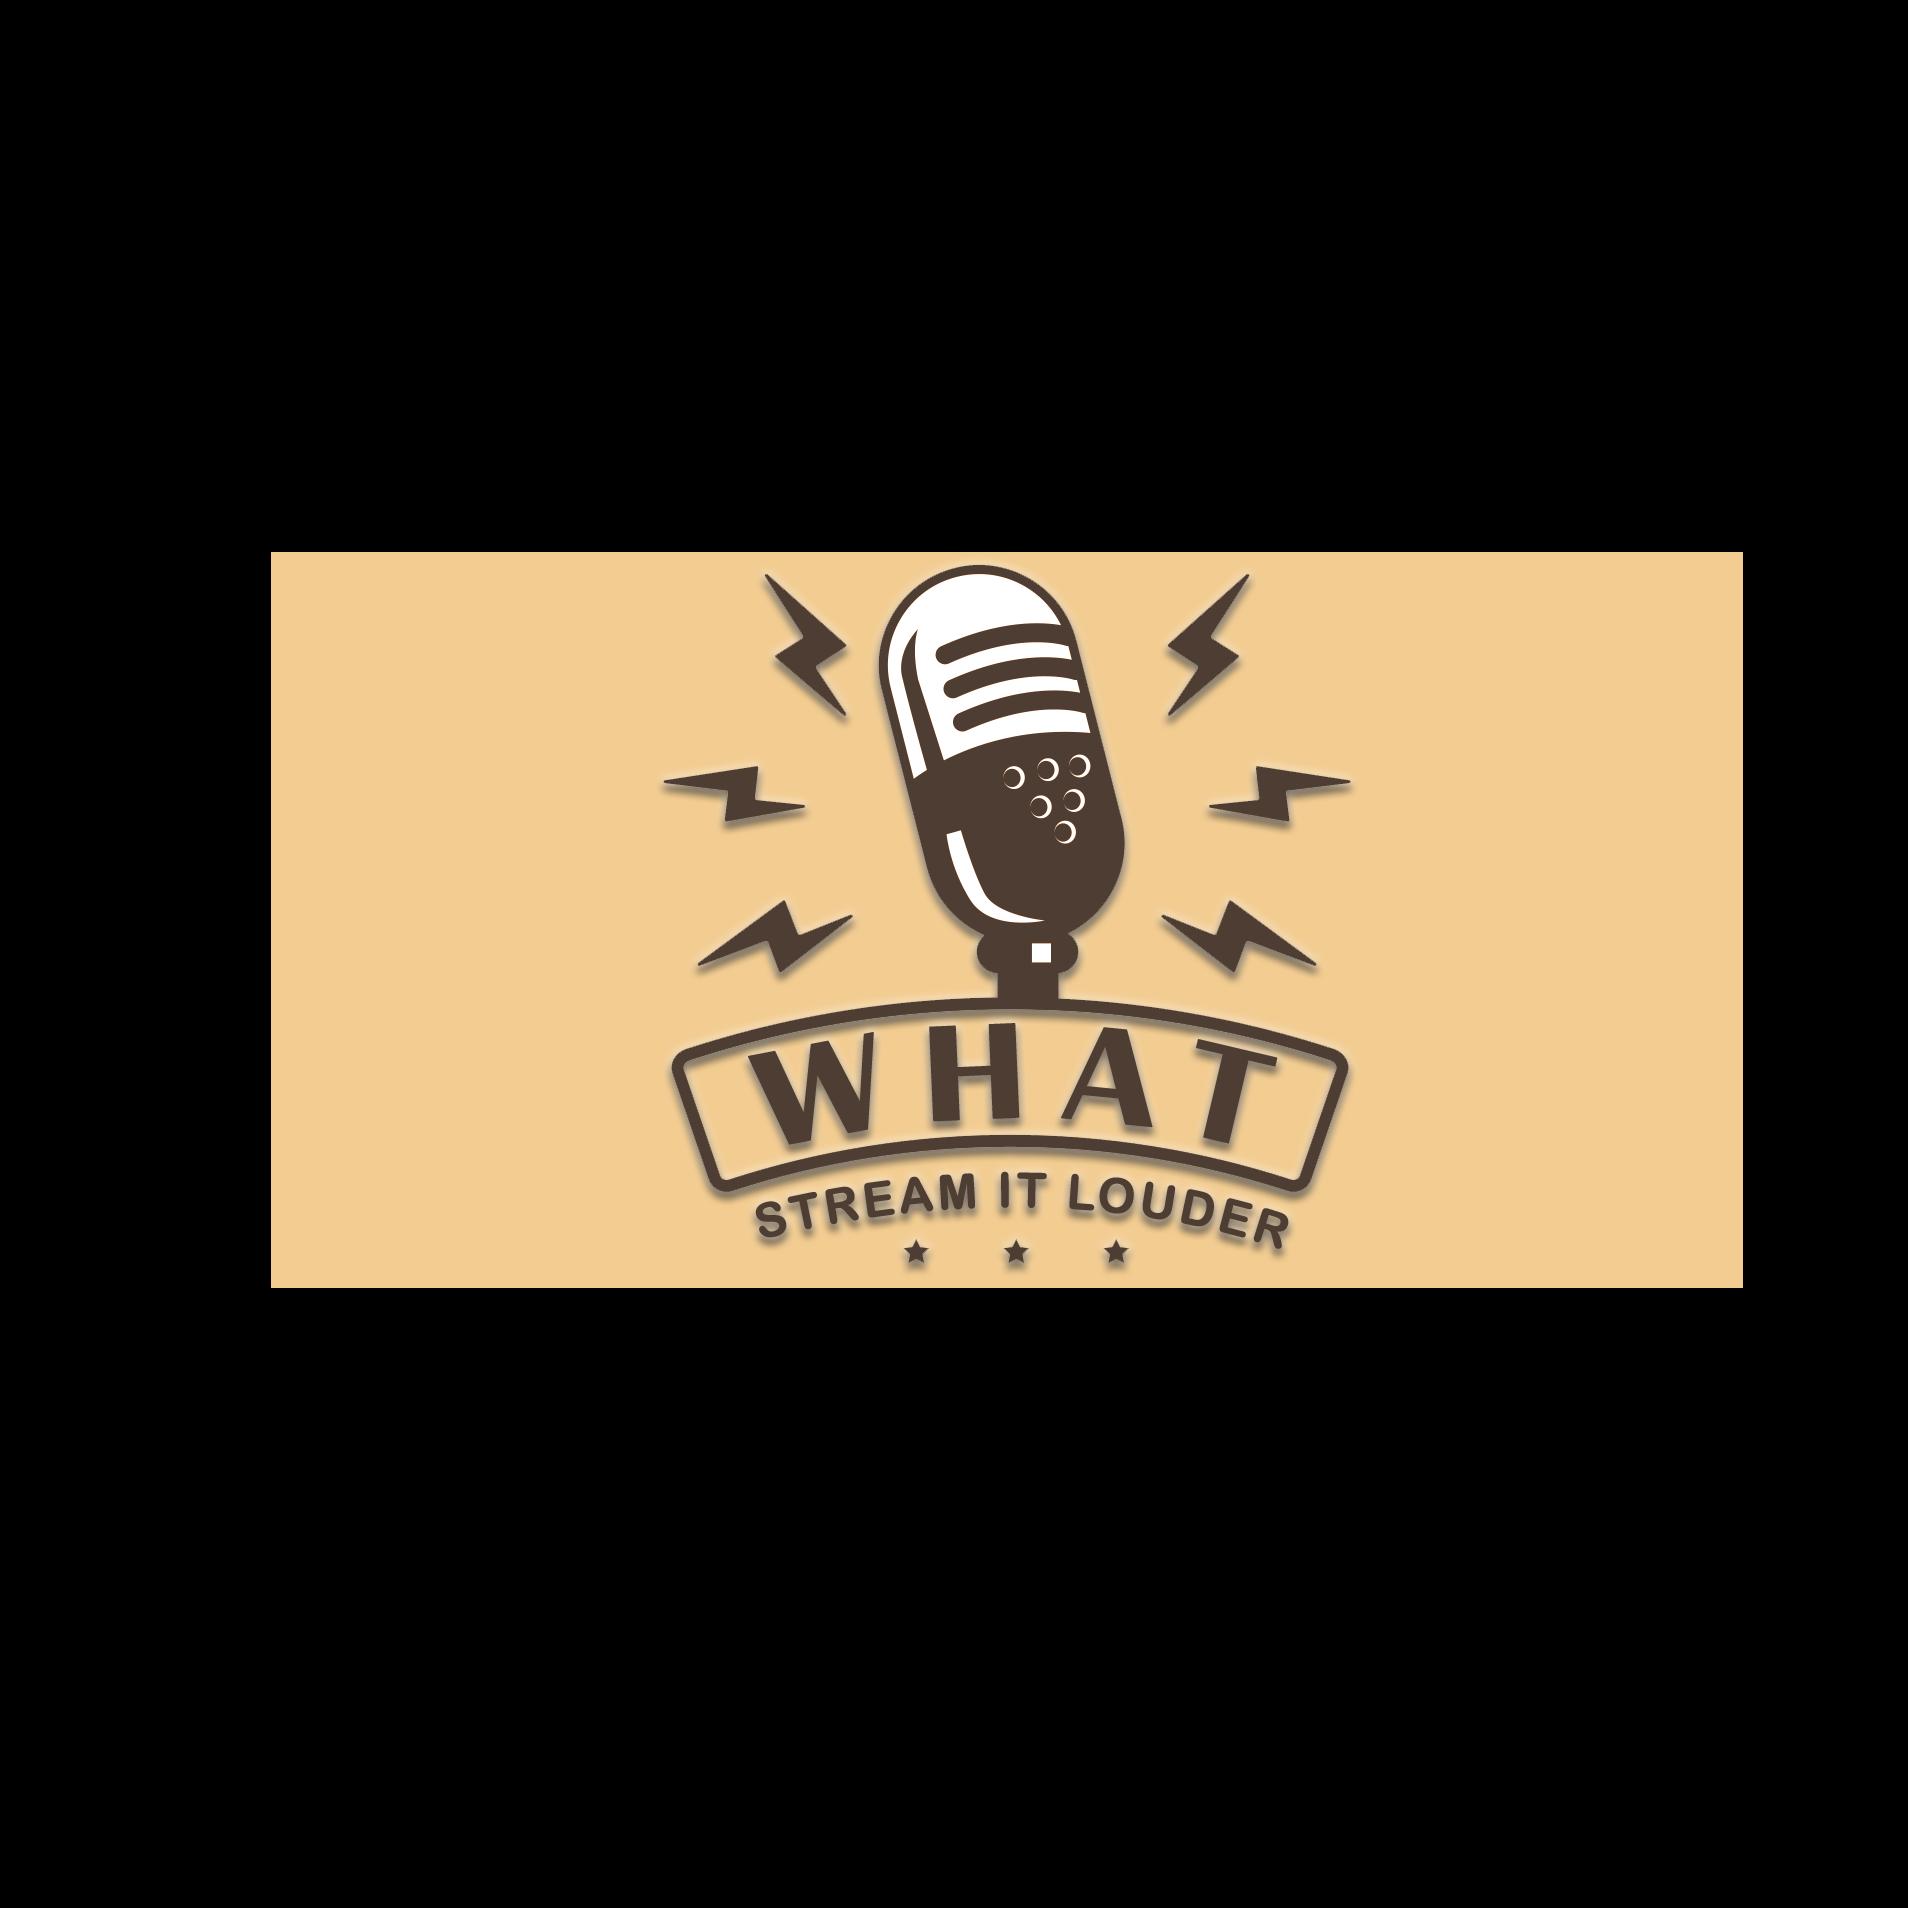 W.H.A.T